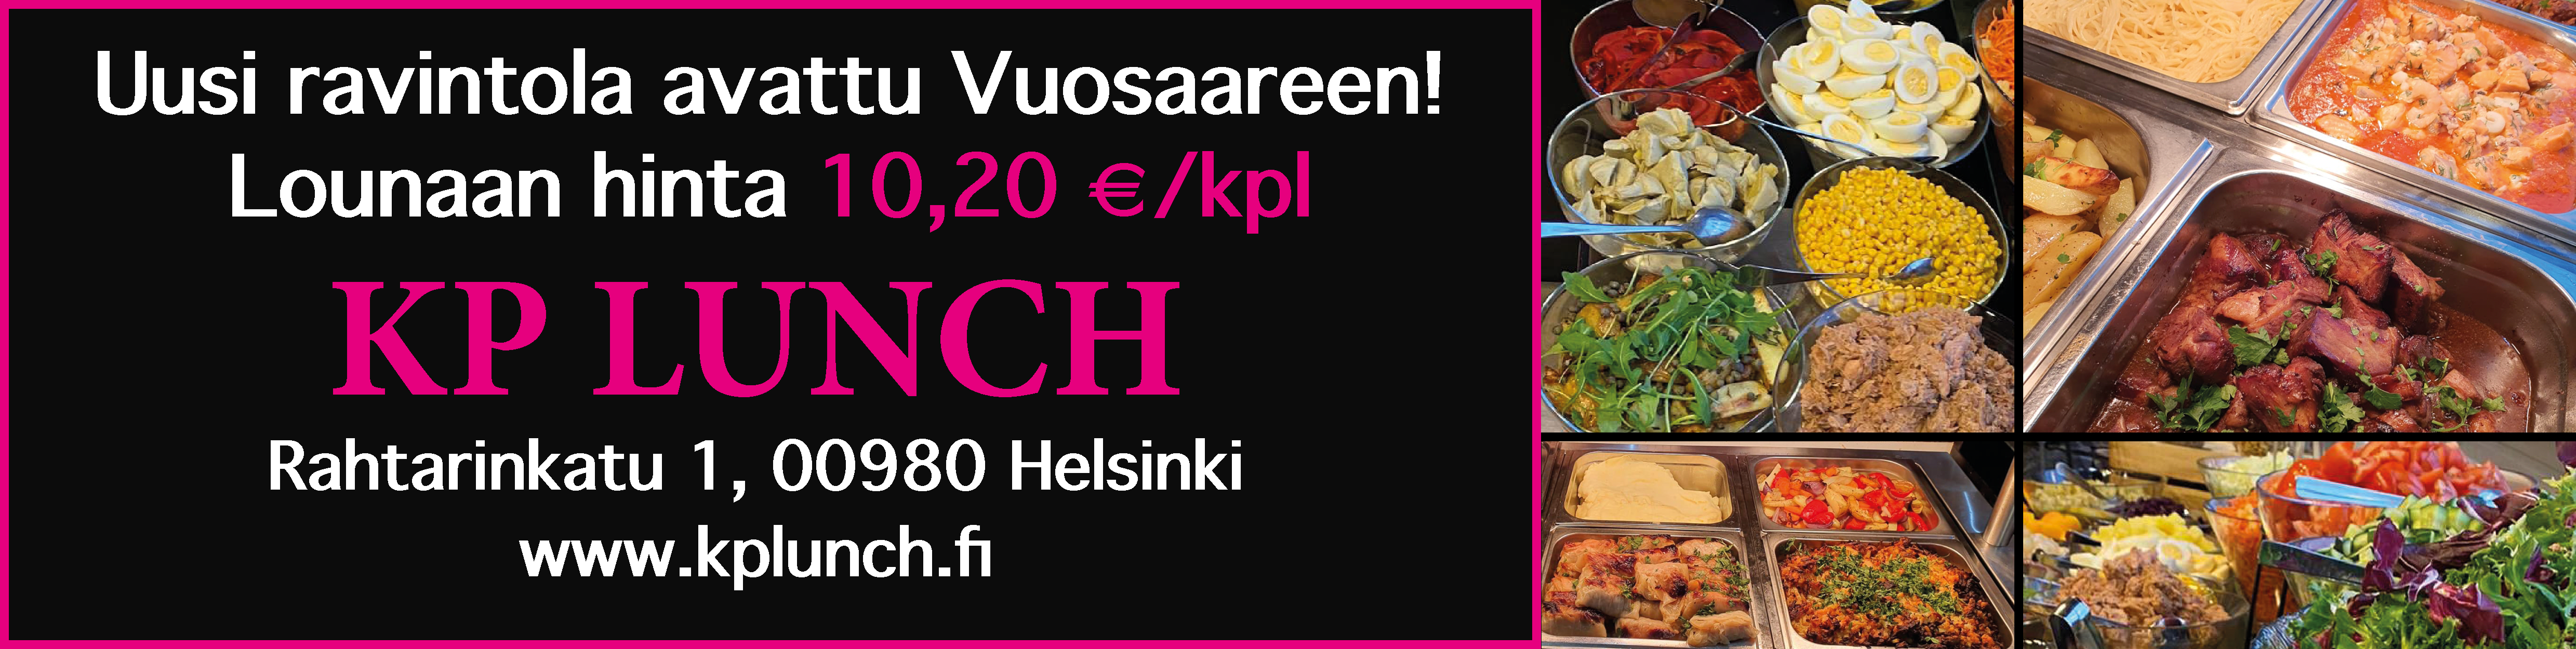 www.kplunch.fi